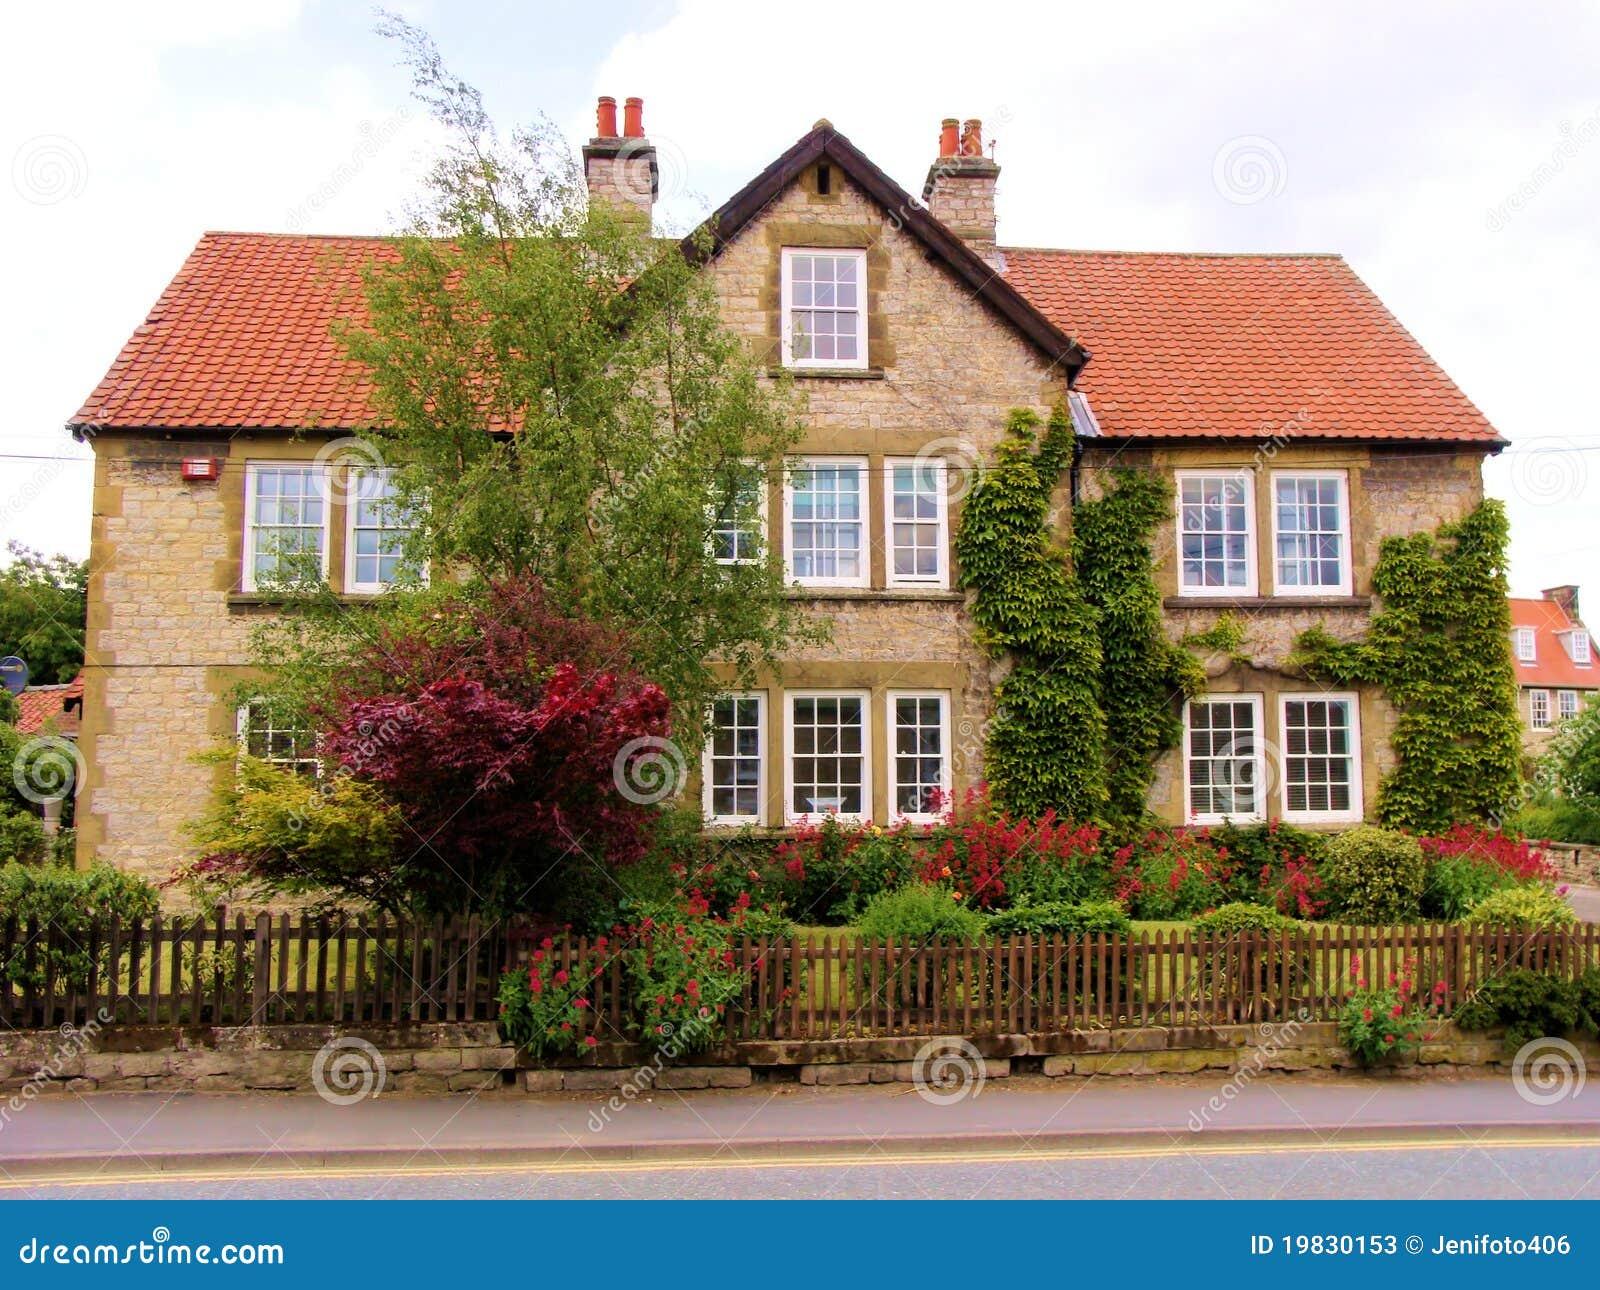 Typisch Englisches Wohnzimmer Haus Stockfotos Bild 19830153